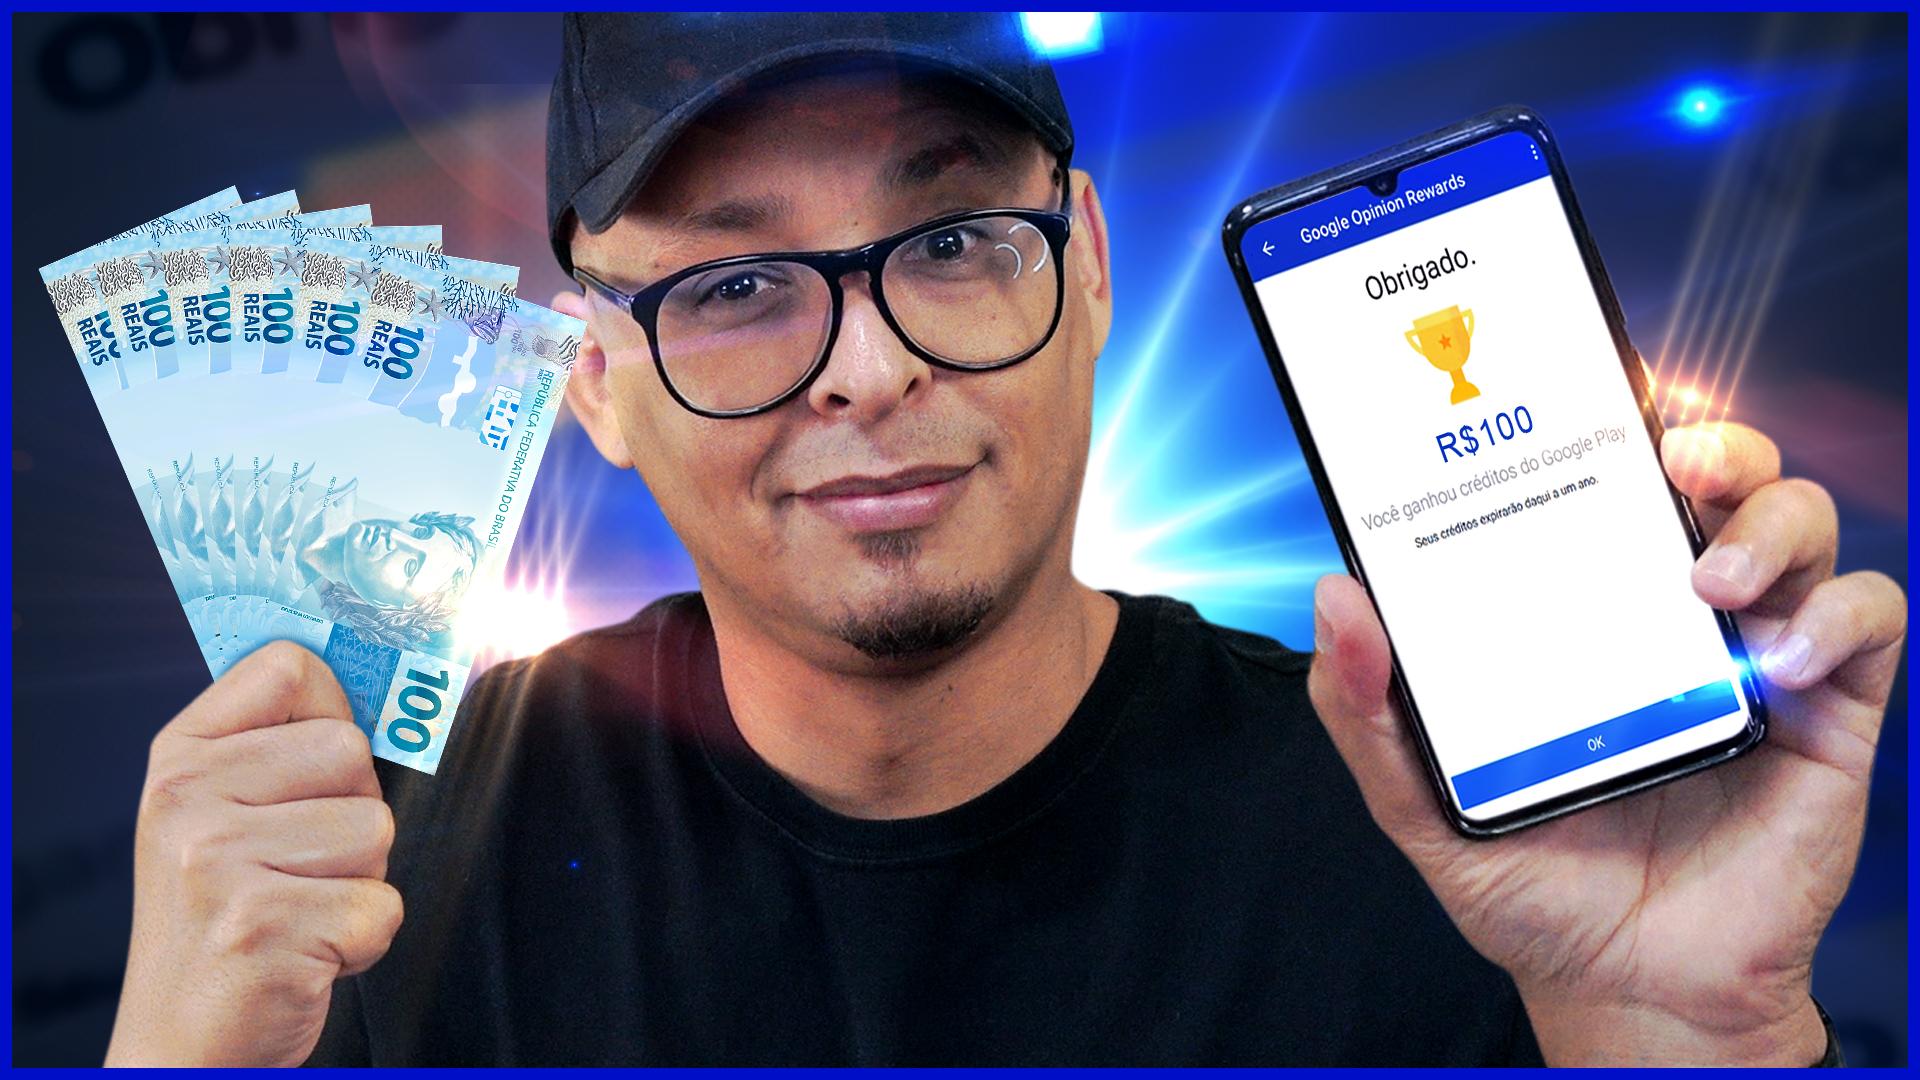 Como ganhar créditos para Google Play